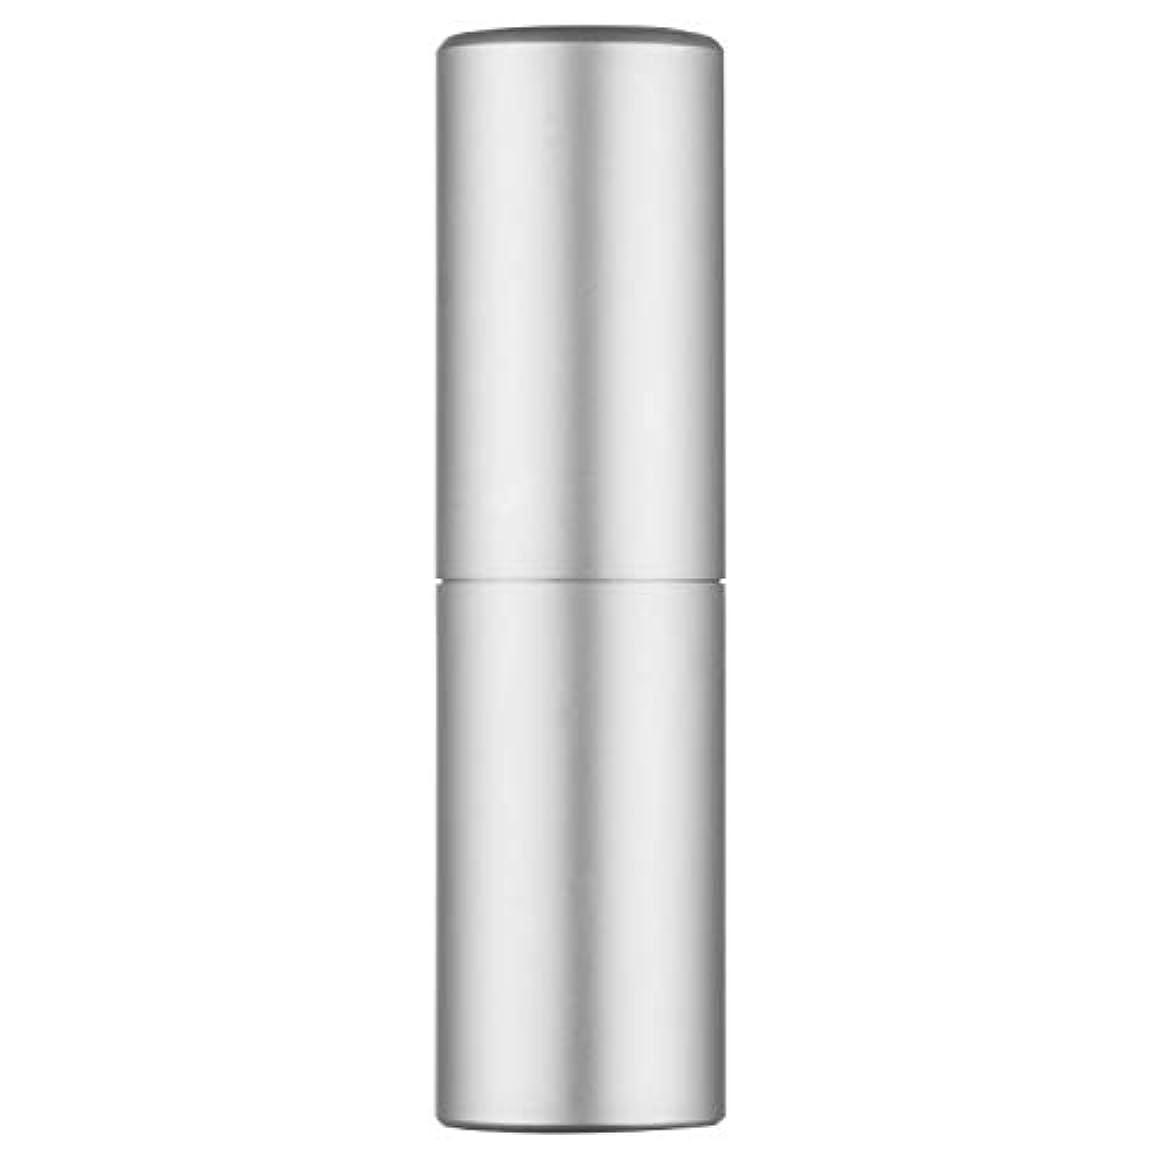 マウントバンクタイト誘惑香水アトマイザー レディース スプレーボトル 香水噴霧器 20ml